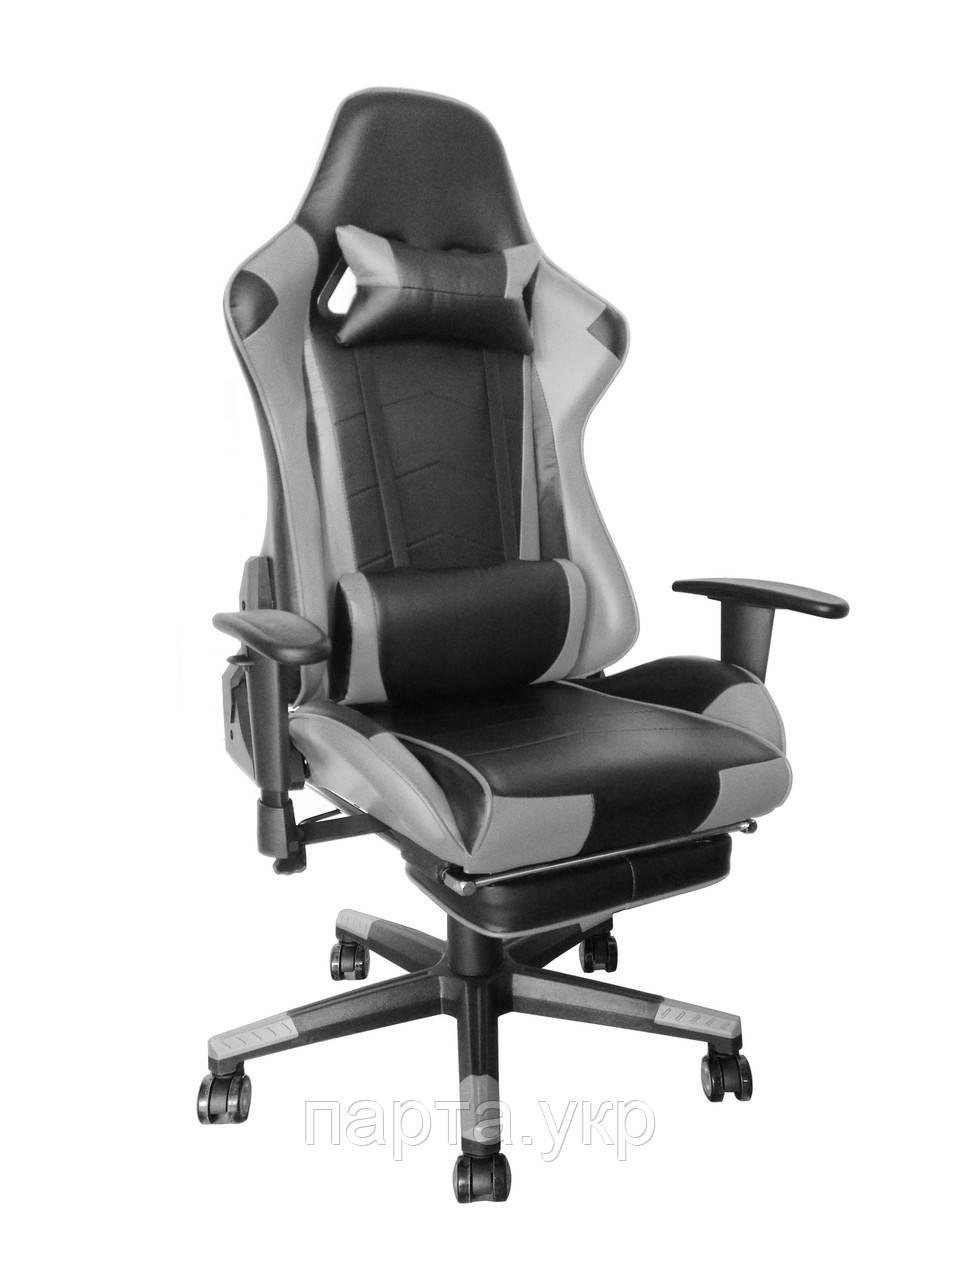 Игровое кресло BL7503 Omega G, 2 цвета